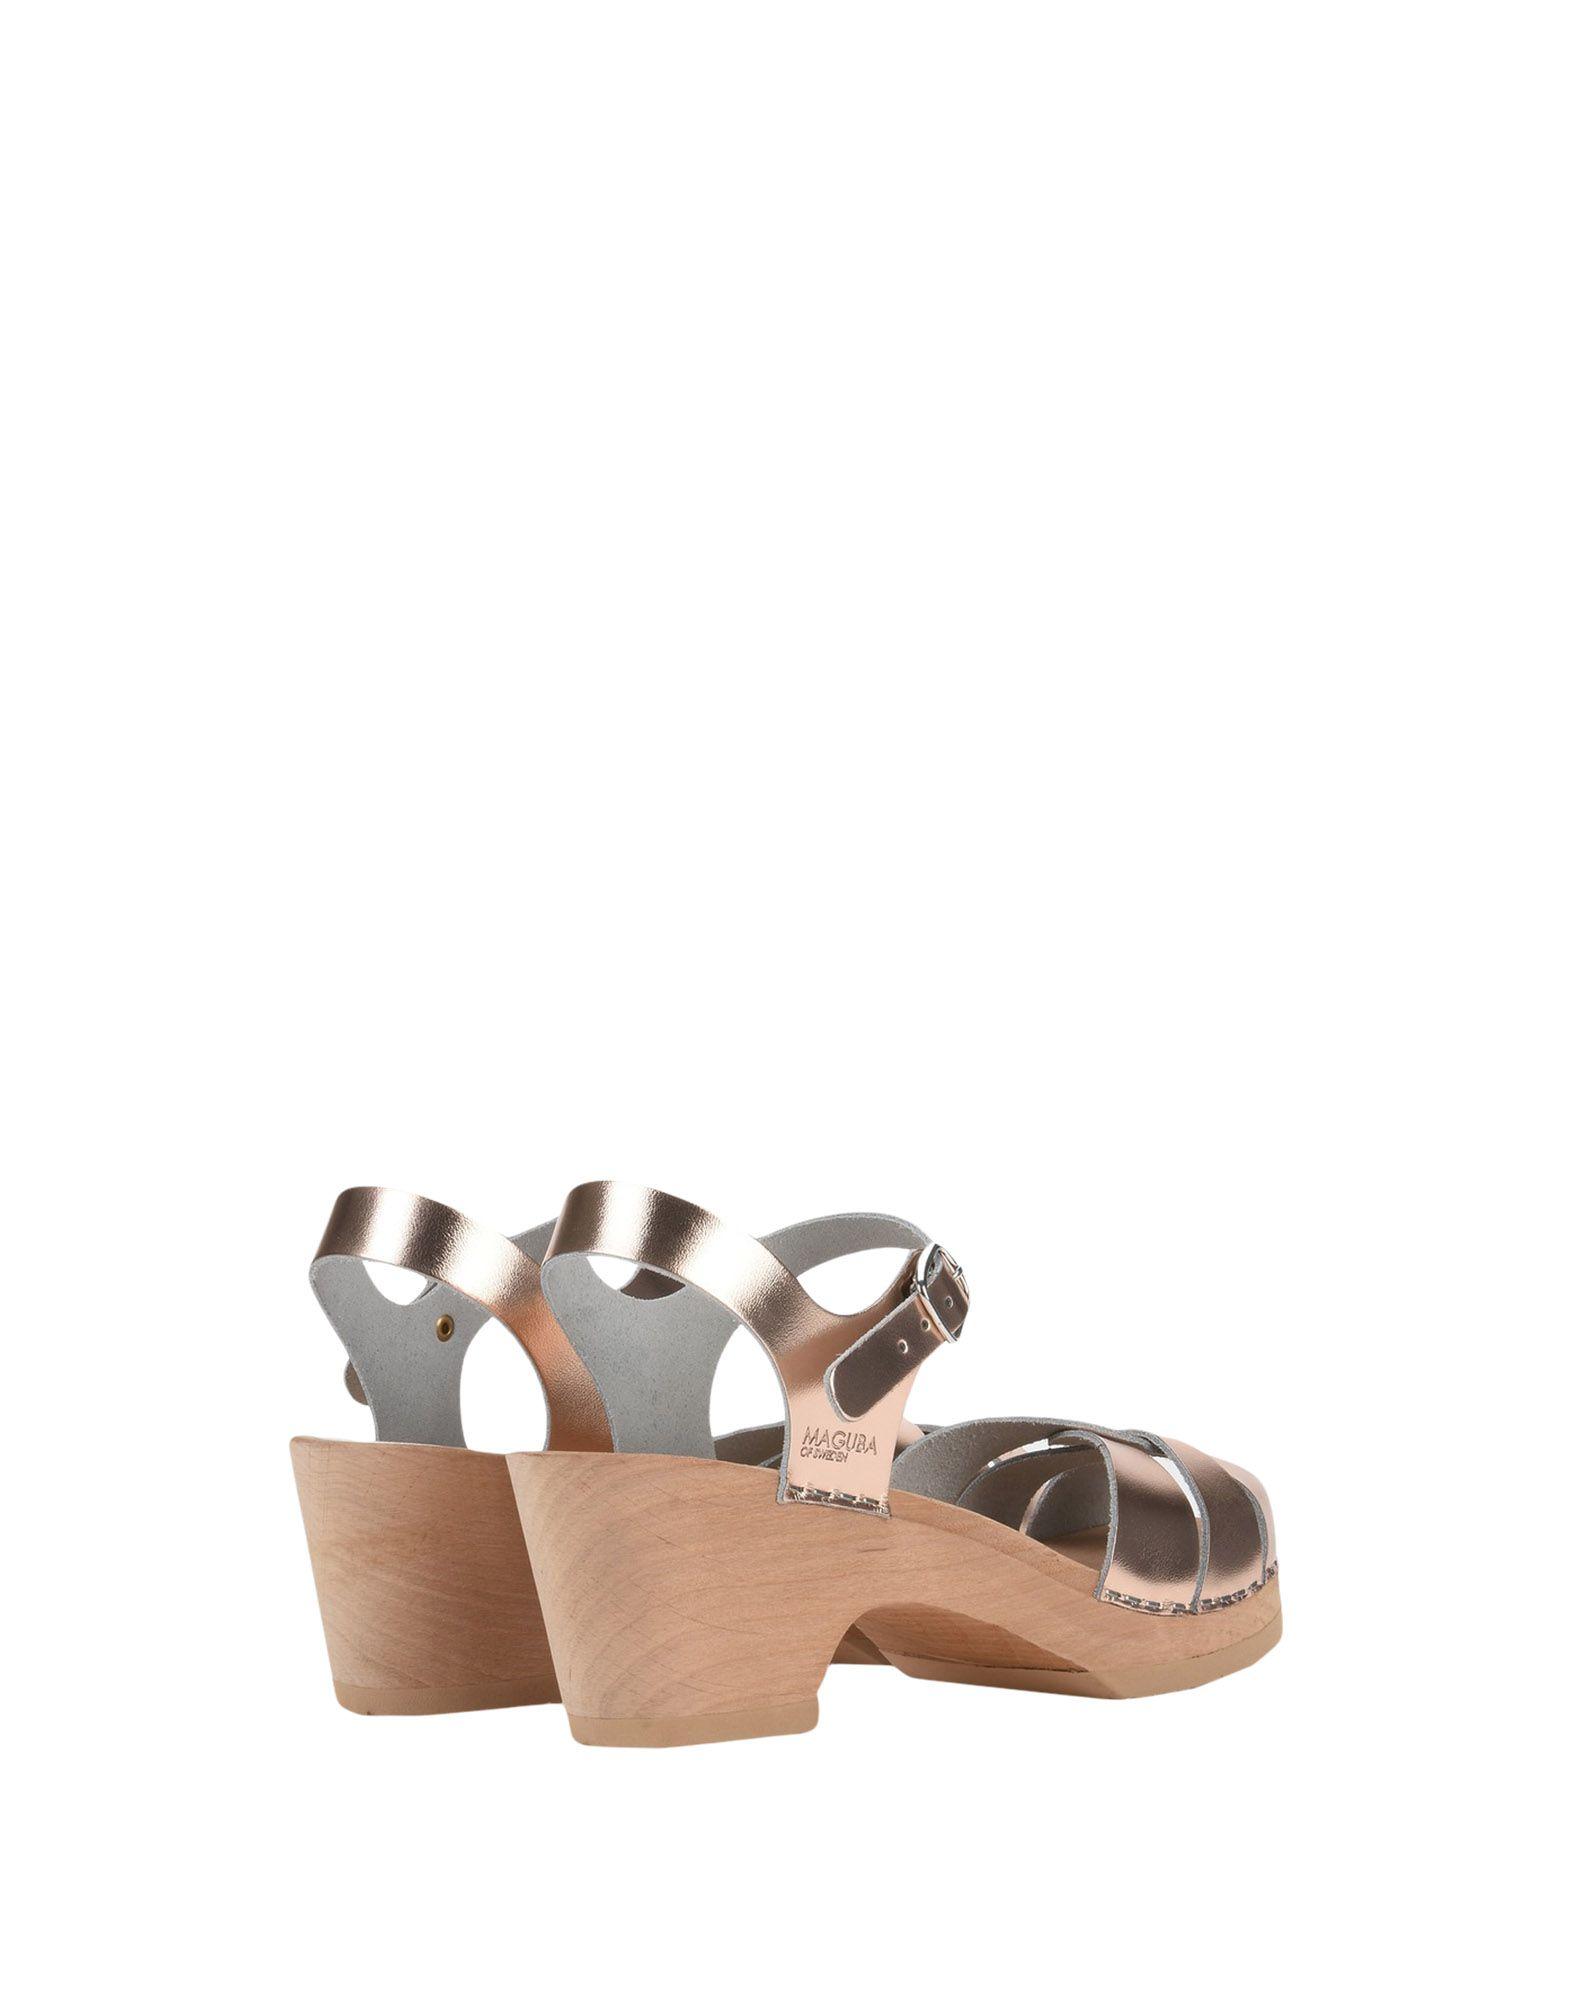 Maguba Salvador_Low  11469329BX Gute beliebte Qualität beliebte Gute Schuhe 7e7162